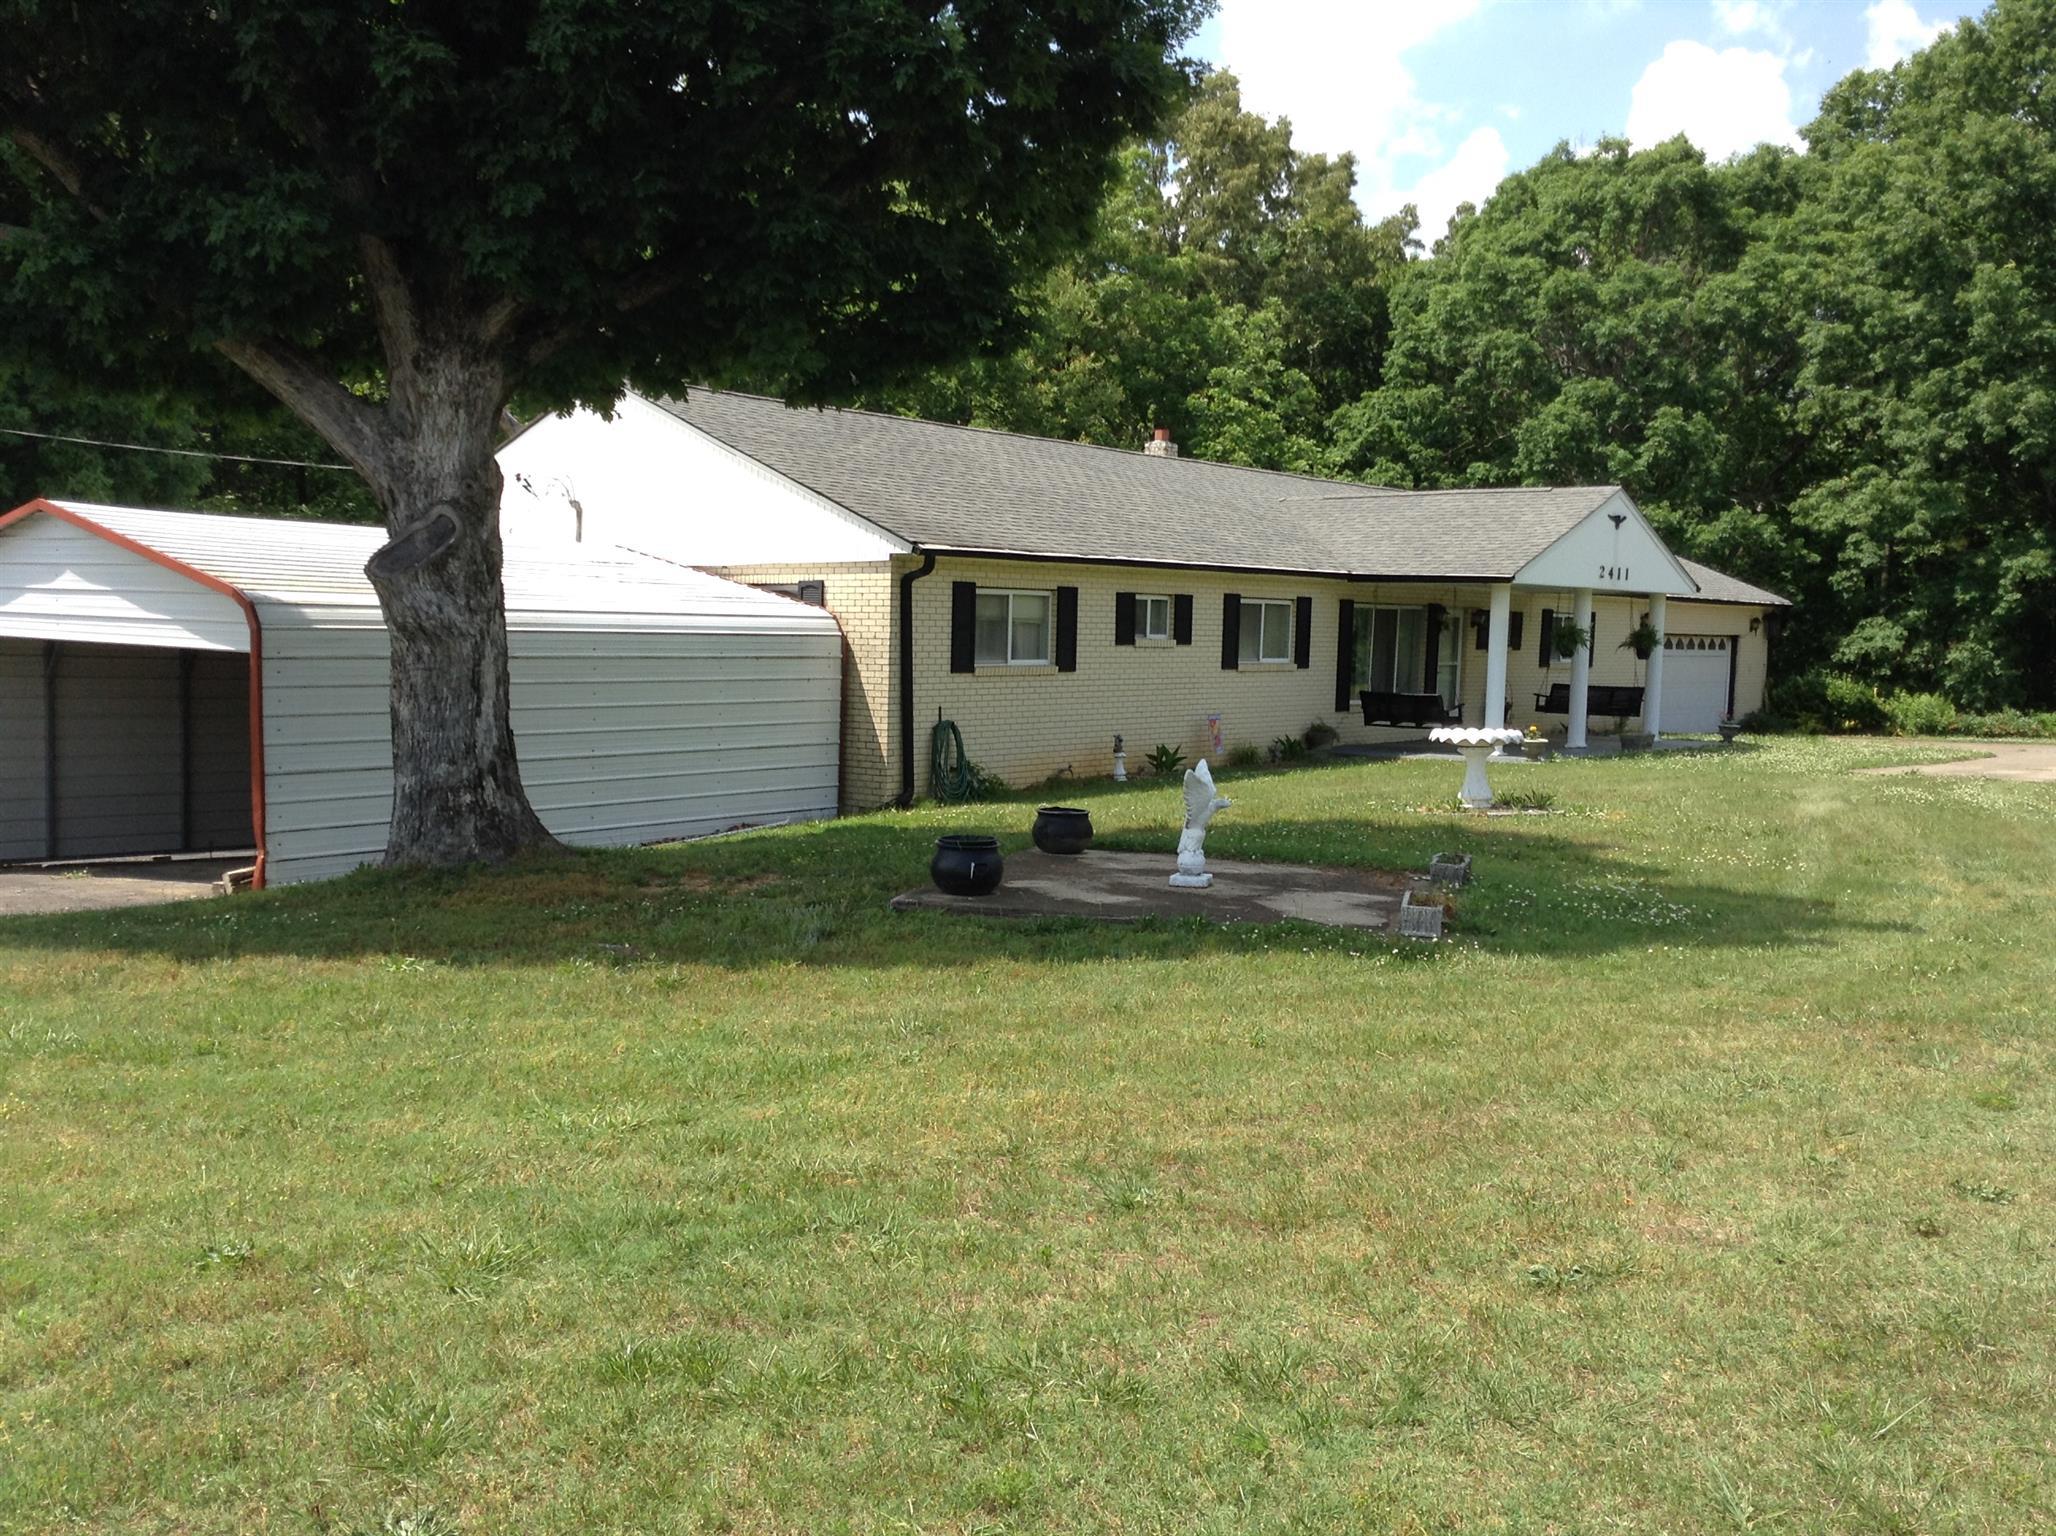 2411 Slayden-Marion Rd, Vanleer, TN 37181 - Vanleer, TN real estate listing